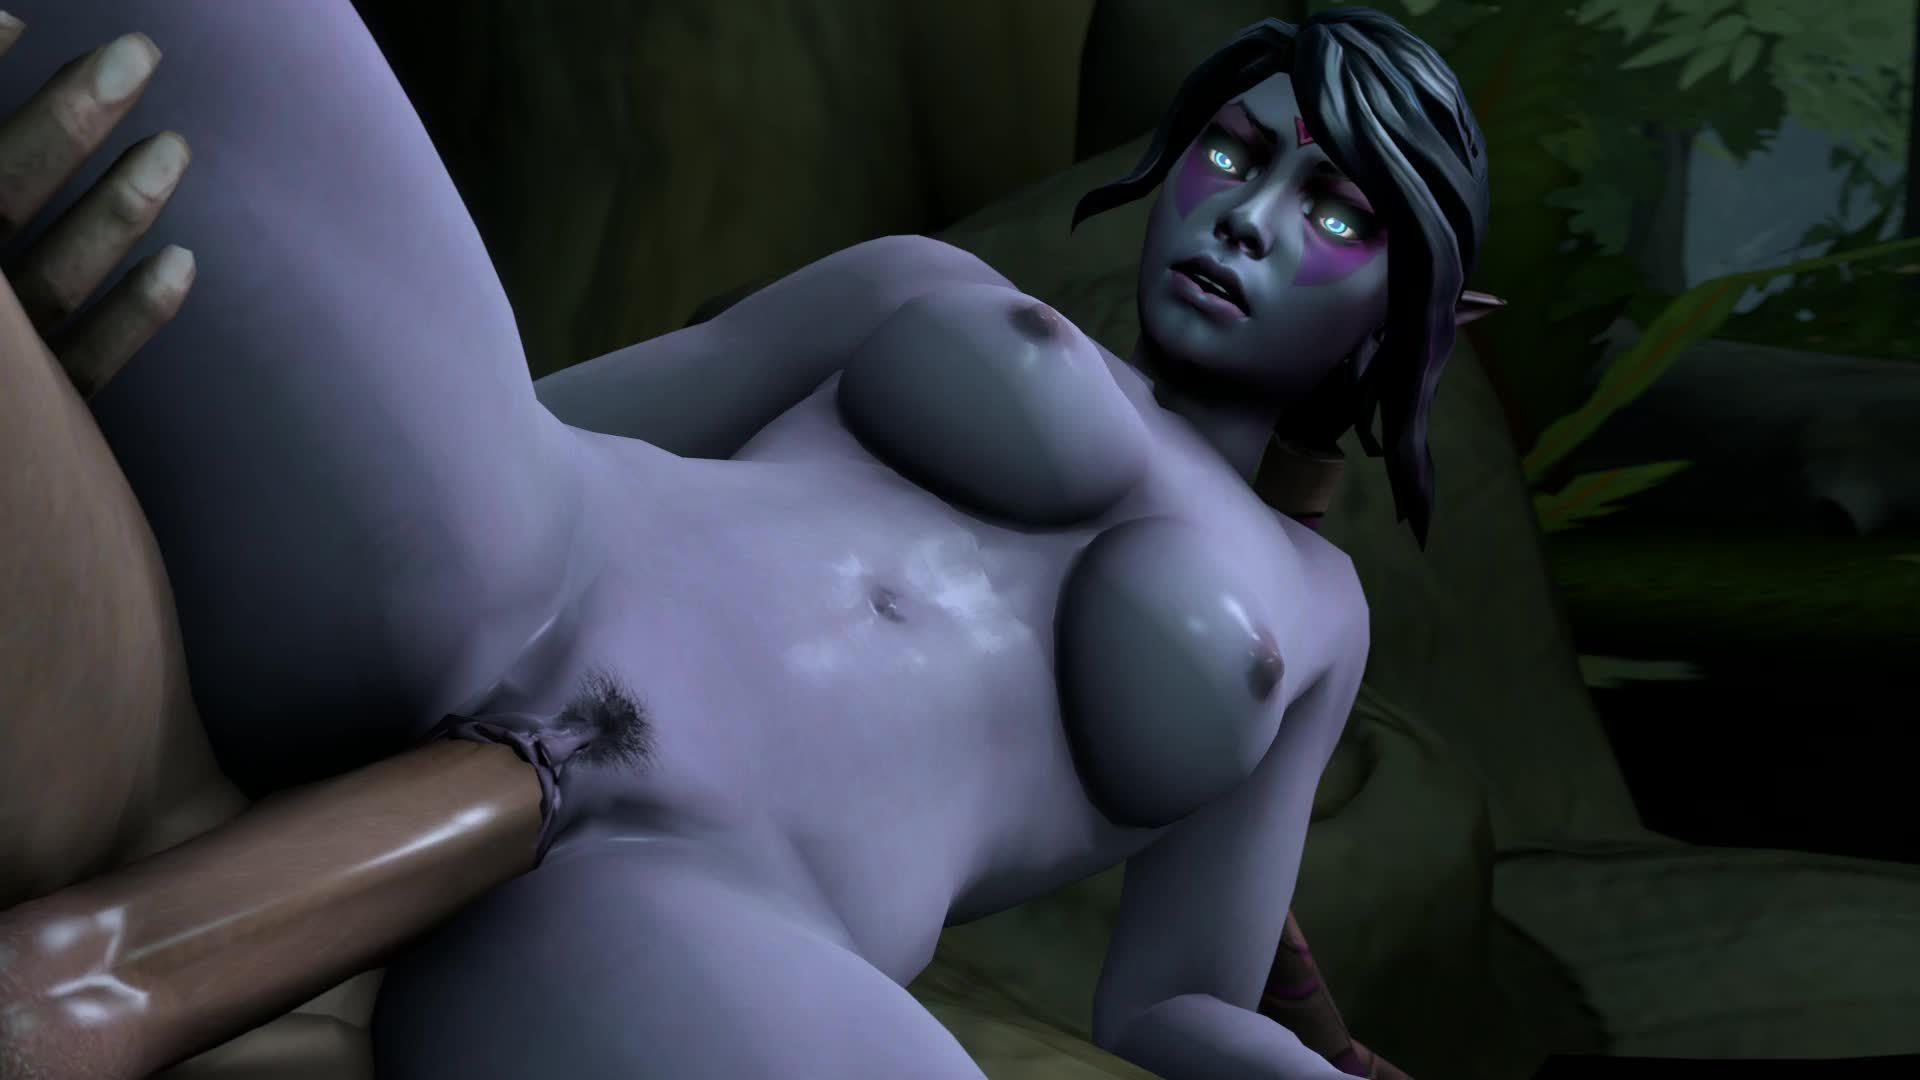 Порно гифки дота @ m1bar.com